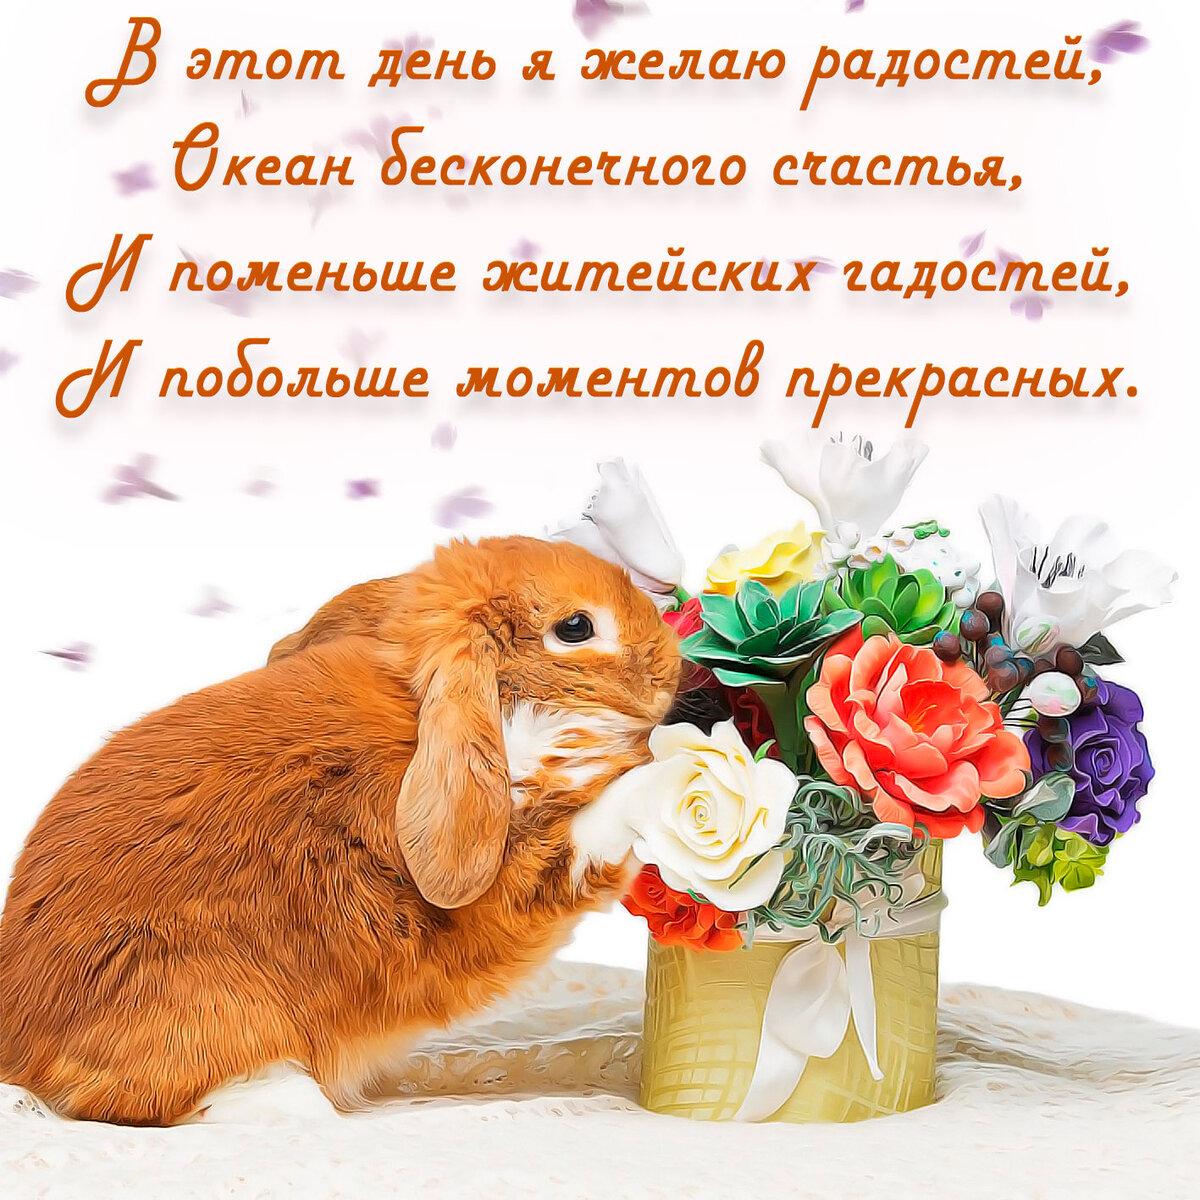 пожелание кролиководу в день рождения происходит, вспышка